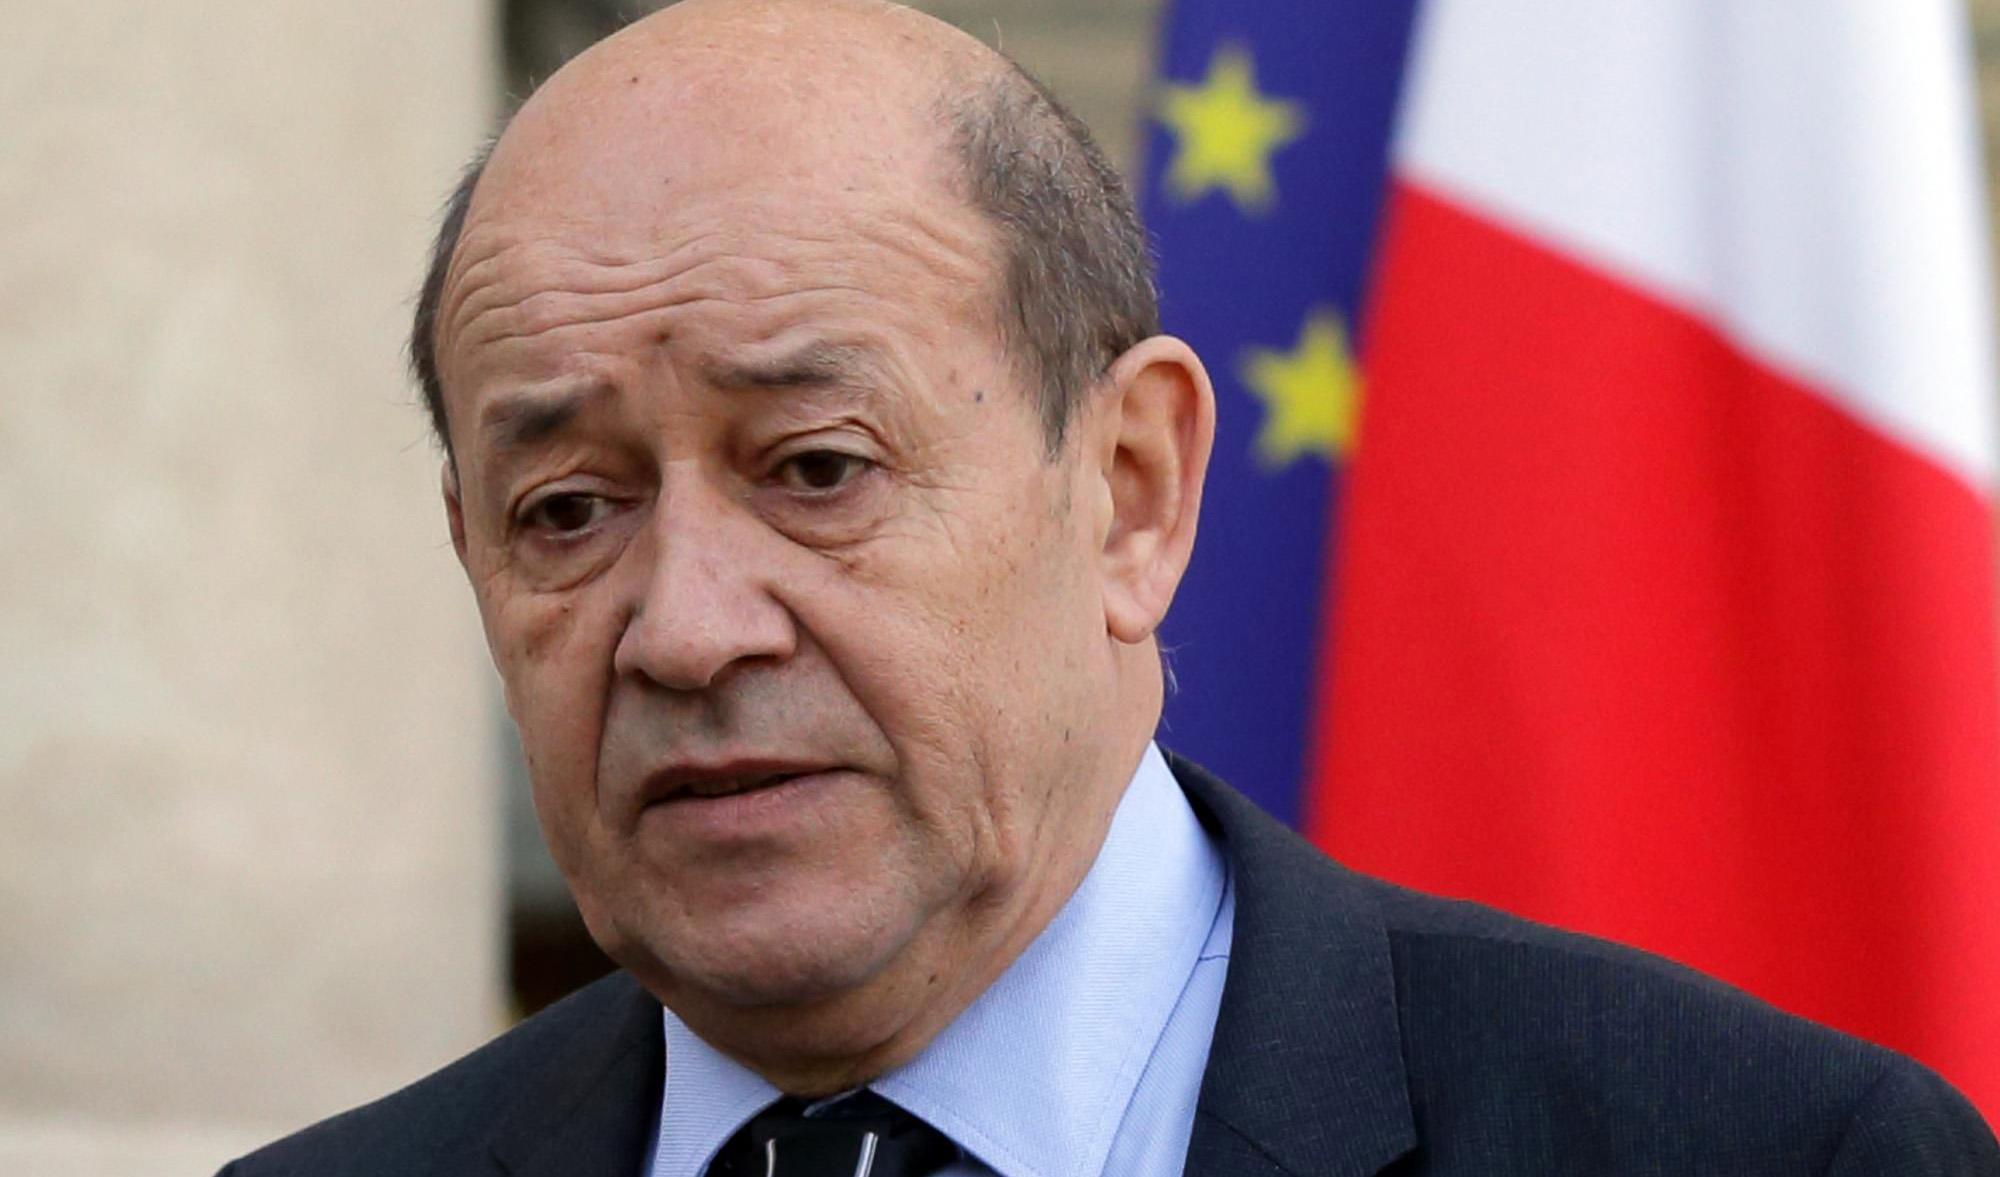 تهدید فرانسه به بازگشت تحریمهای بینالمللی علیه ایران